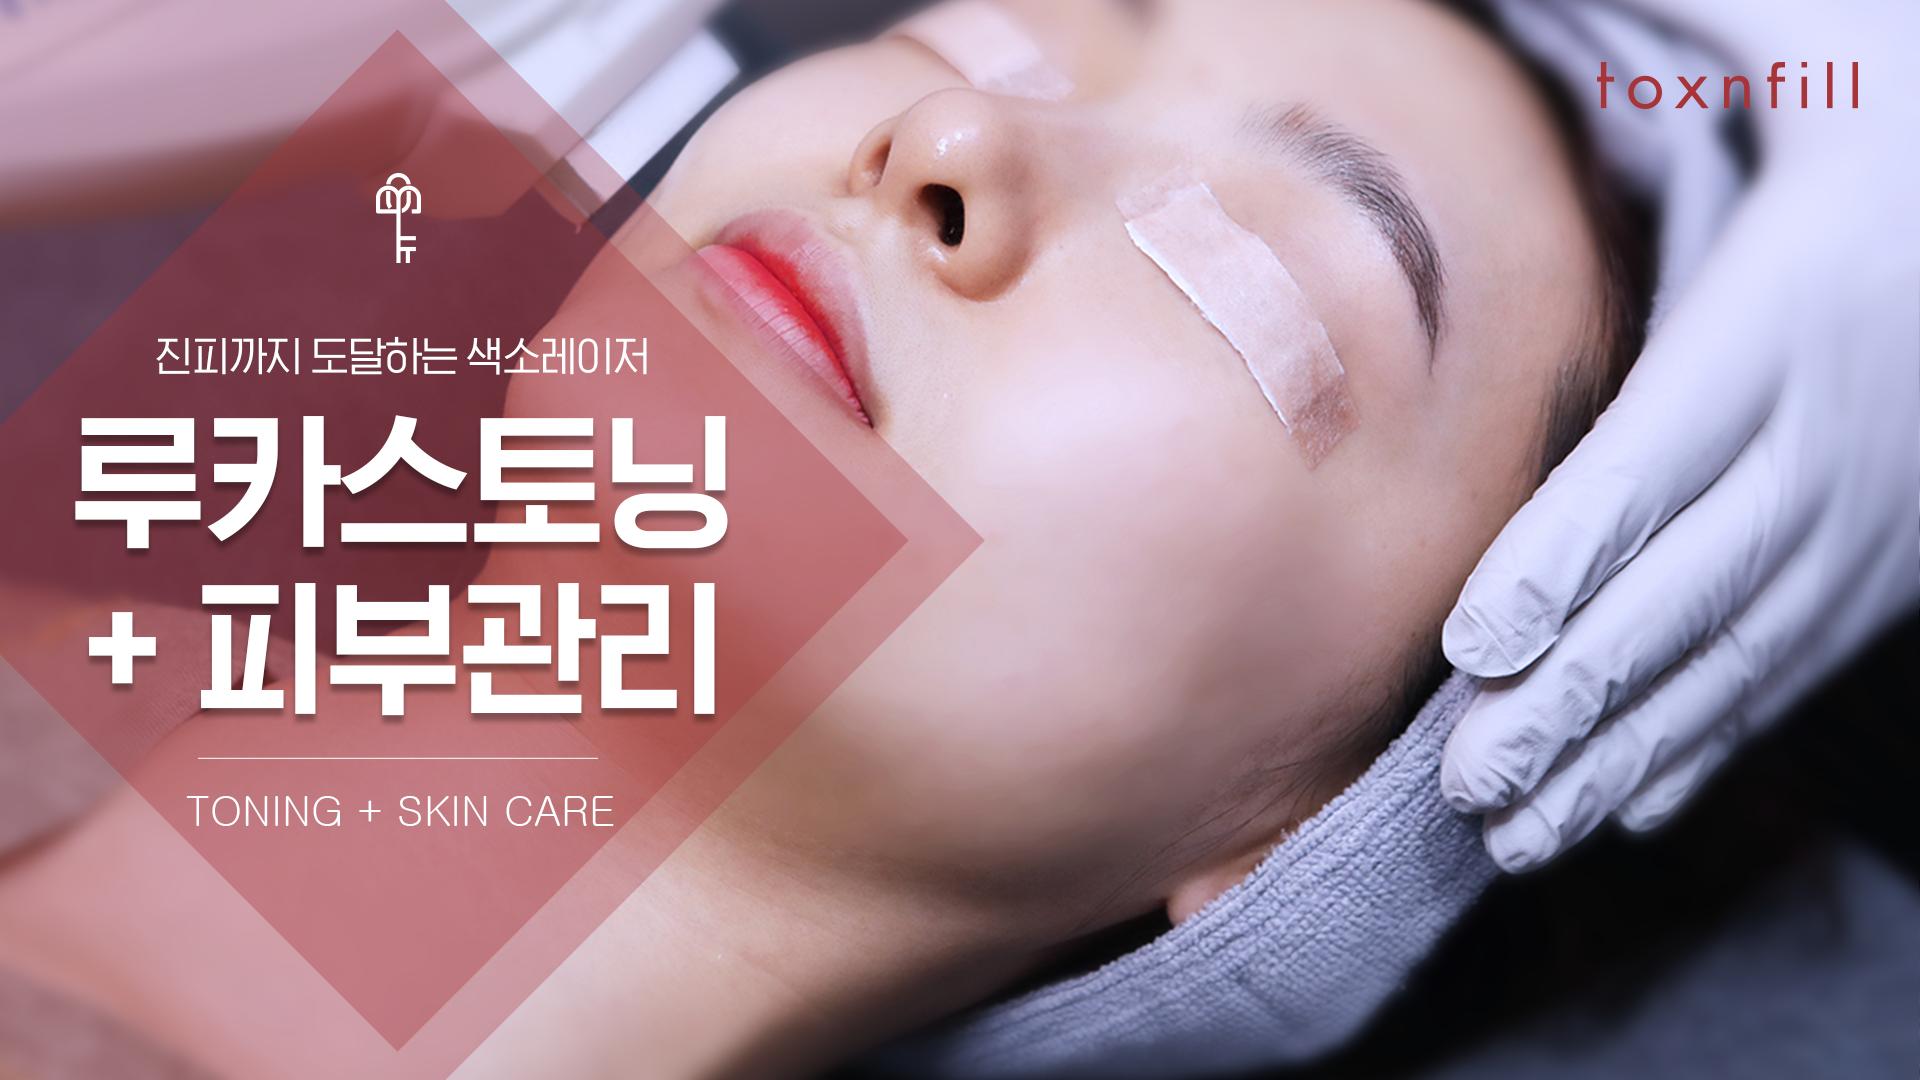 루카스토닝 + 피부관리